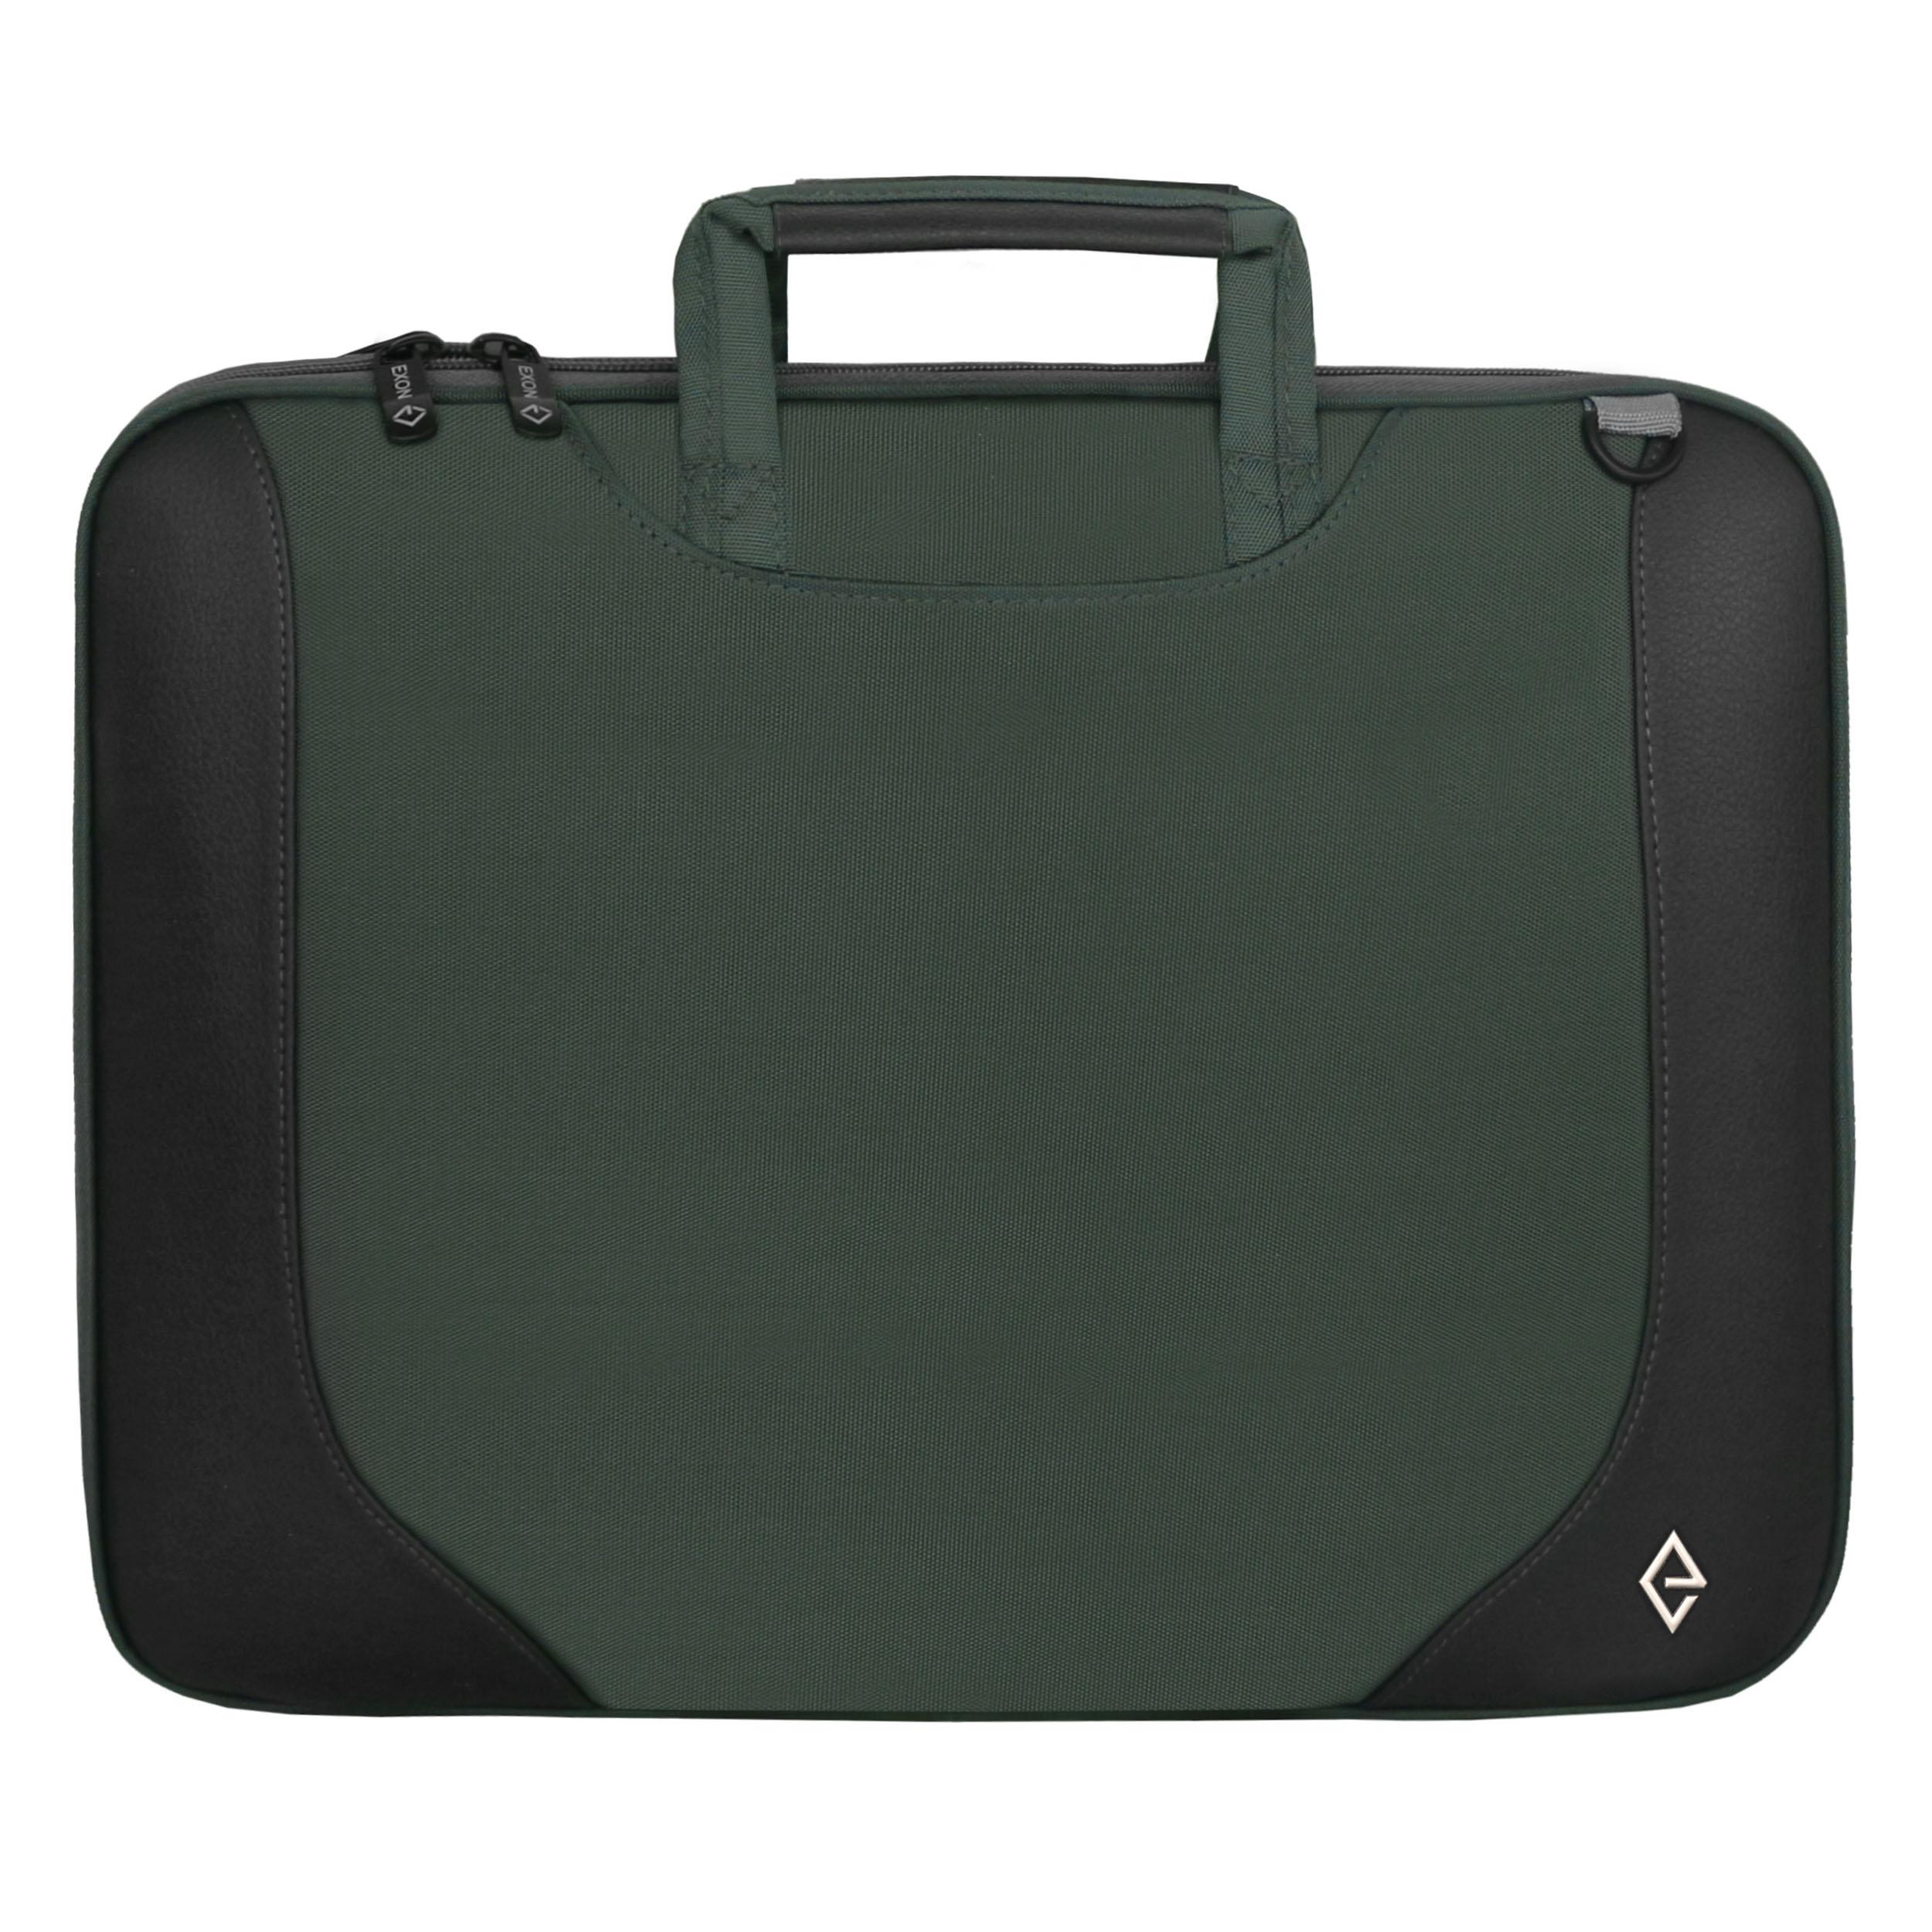 کیف لپ تاپ تنسر مدل میلان مناسب برای لپ تاپ 15.6 اینچی